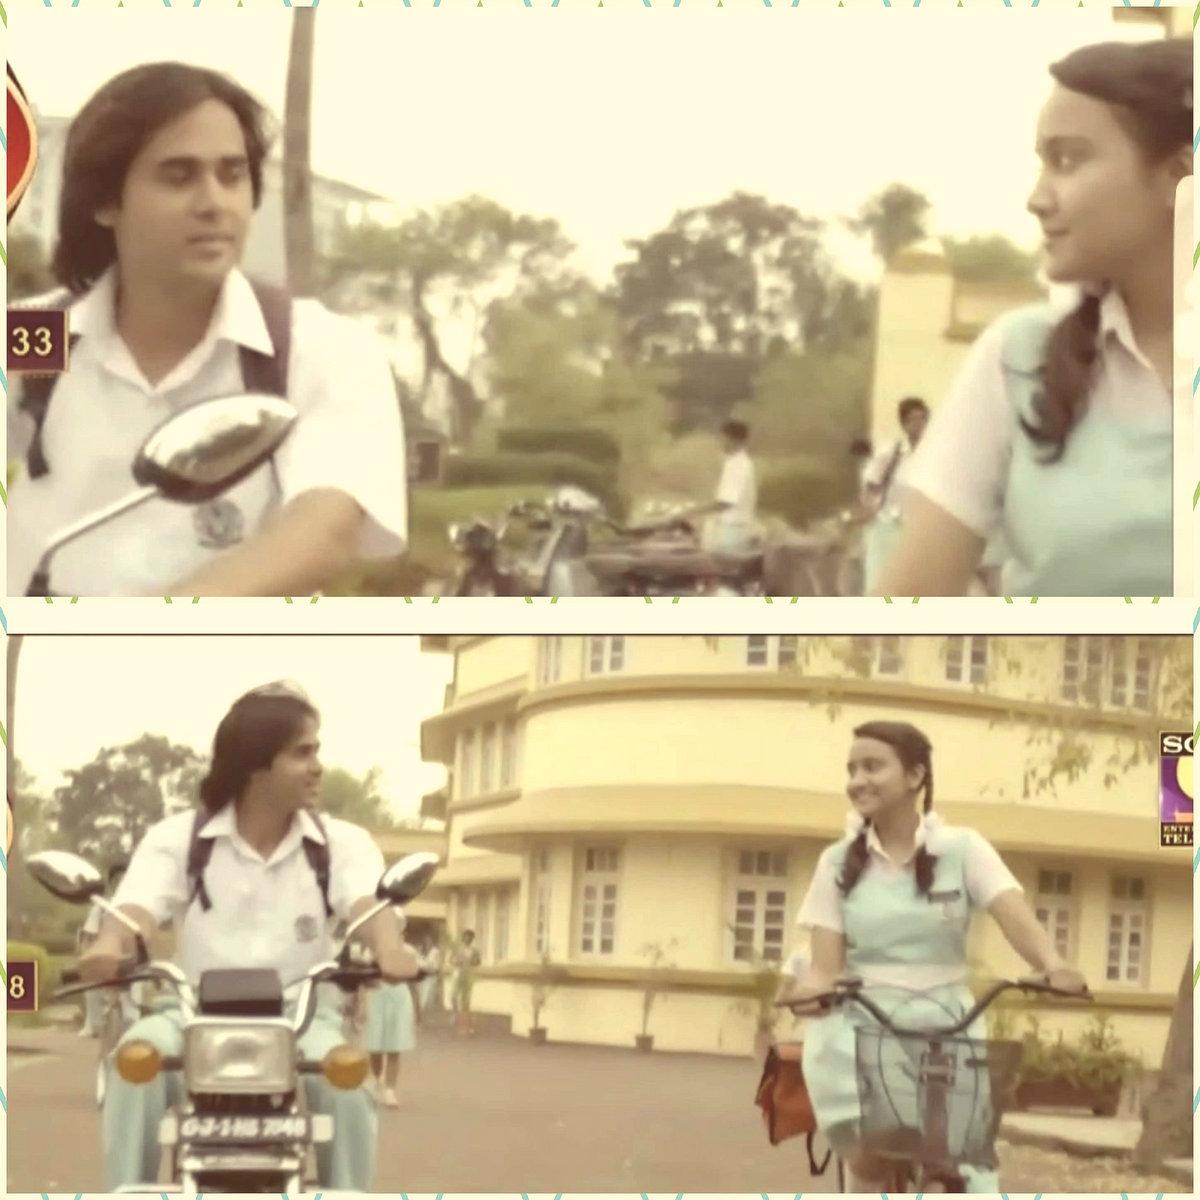 Dil hai betab malayalam full movie free download utorrent | blasutatad.